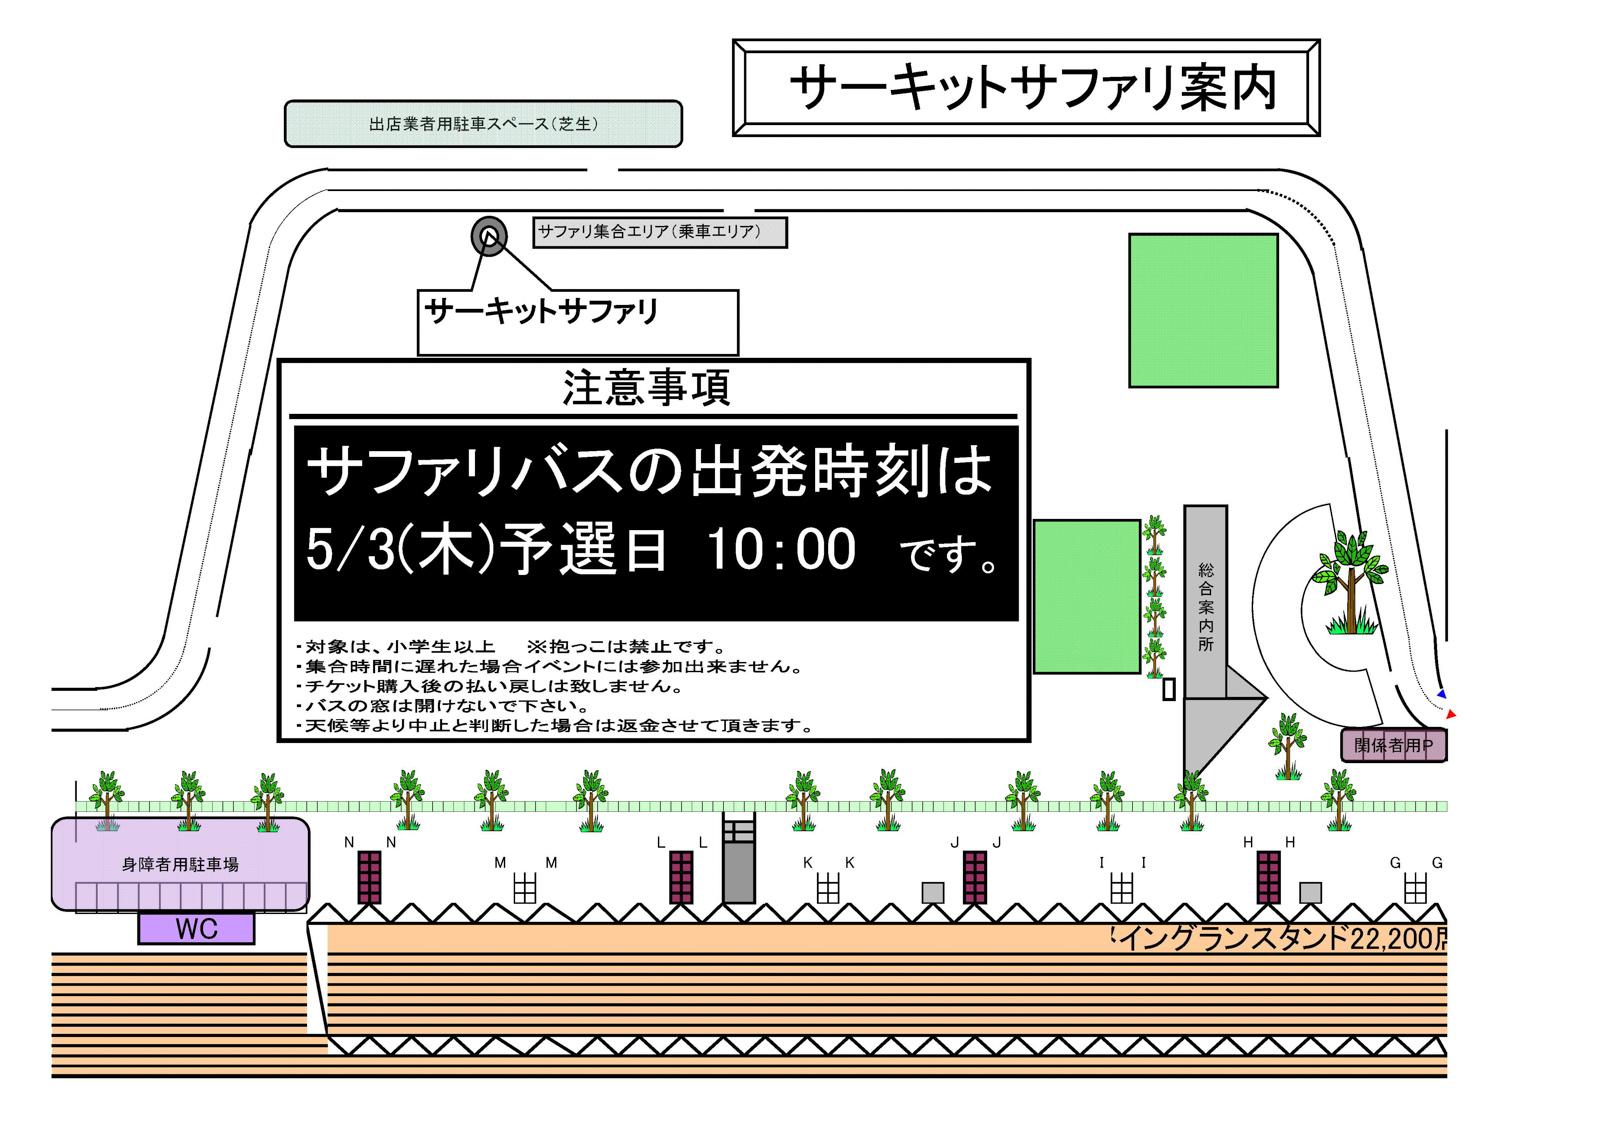 第2戦富士 サーキットサファリ&ミクサポ撮影会のお知らせ_e0379343_12341666.jpg